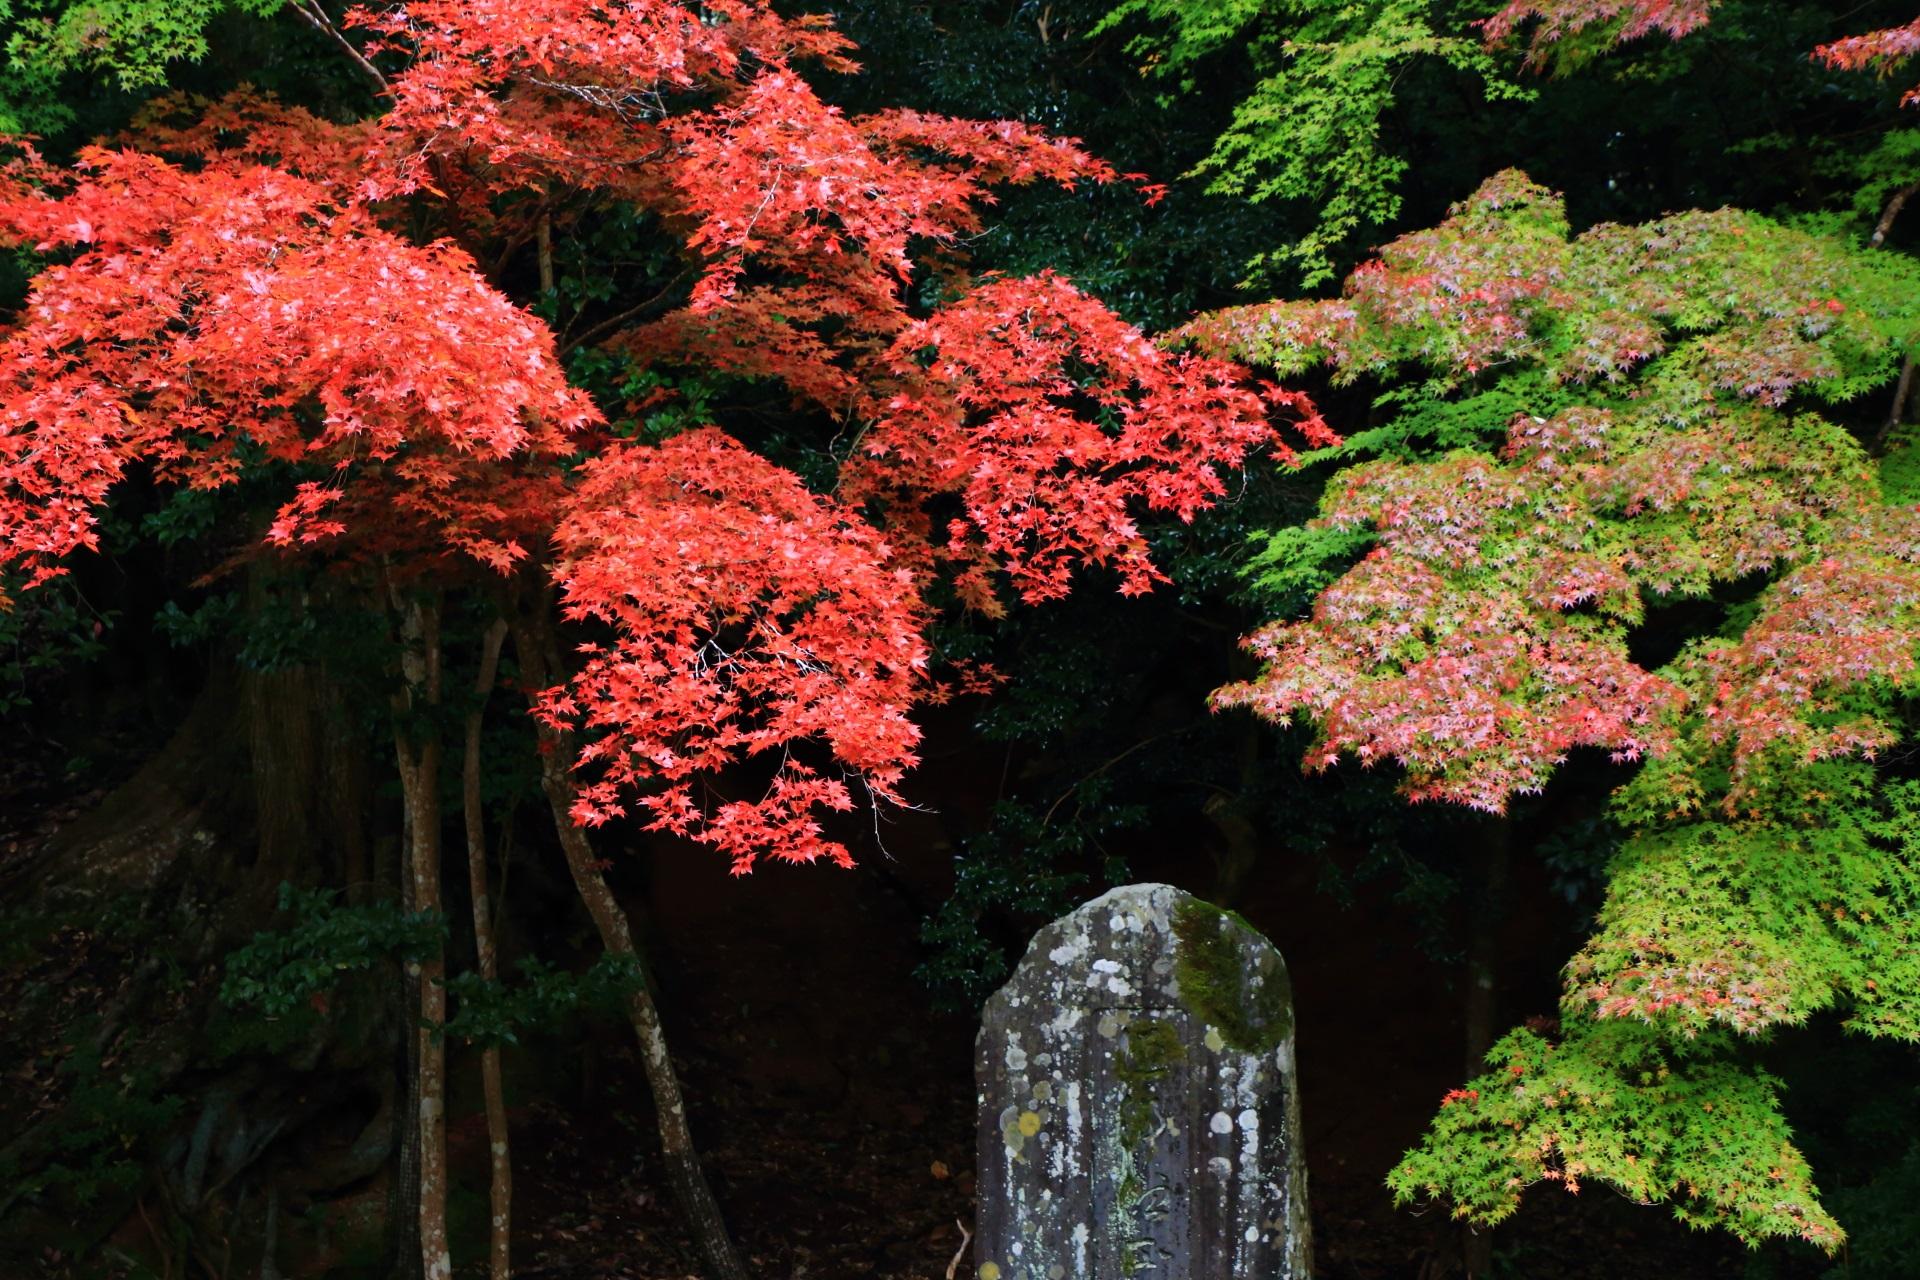 青葉と紅葉の見事なコントラスト